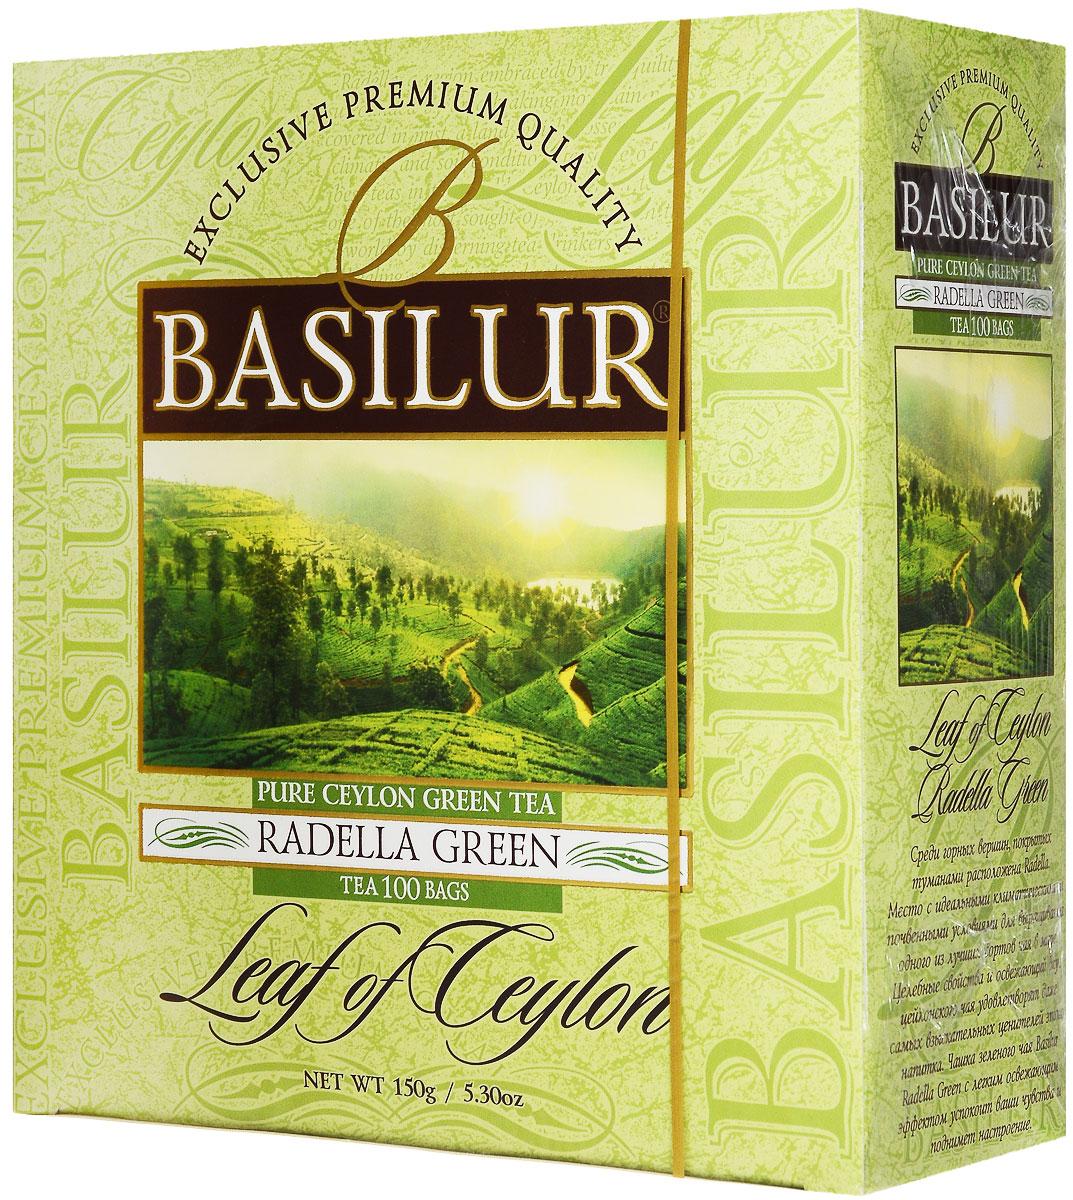 Basilur Radella зеленый чай в пакетиках, 100 шт4607099301122Зелёный цейлонский байховый мелколистовой чай Basilur Radella в пакетиках с ярлычками для разовой заварки - отличный вариант на каждый день!Среди горных вершин, покрытых туманами расположена Radella. Место с идеальными климатическими и почвенными условиями для выращивания одного из лучших сортов чая в мире.Целебные свойства и освежающий вкус цейлонского чая удовлетворят даже самых взыскательных ценителей этого напитка. Чашка зеленого чая Basilur Radella Green с легким освежающим эффектом успокоит ваши чувства и поднимет настроение.